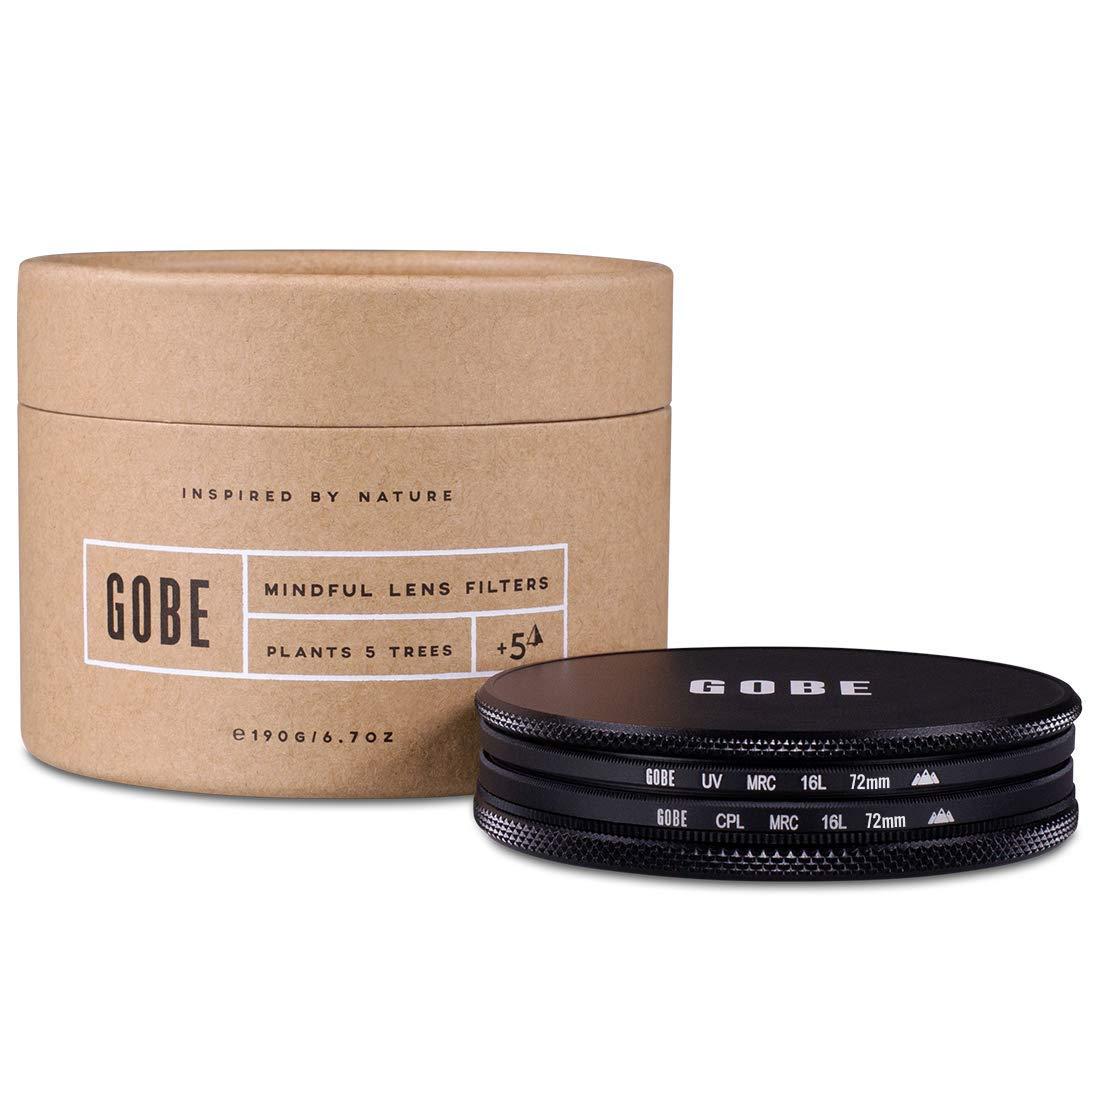 Gobe Filter Kit 72mm Schott MRC 16-Layer: UV + CPL Polarizer